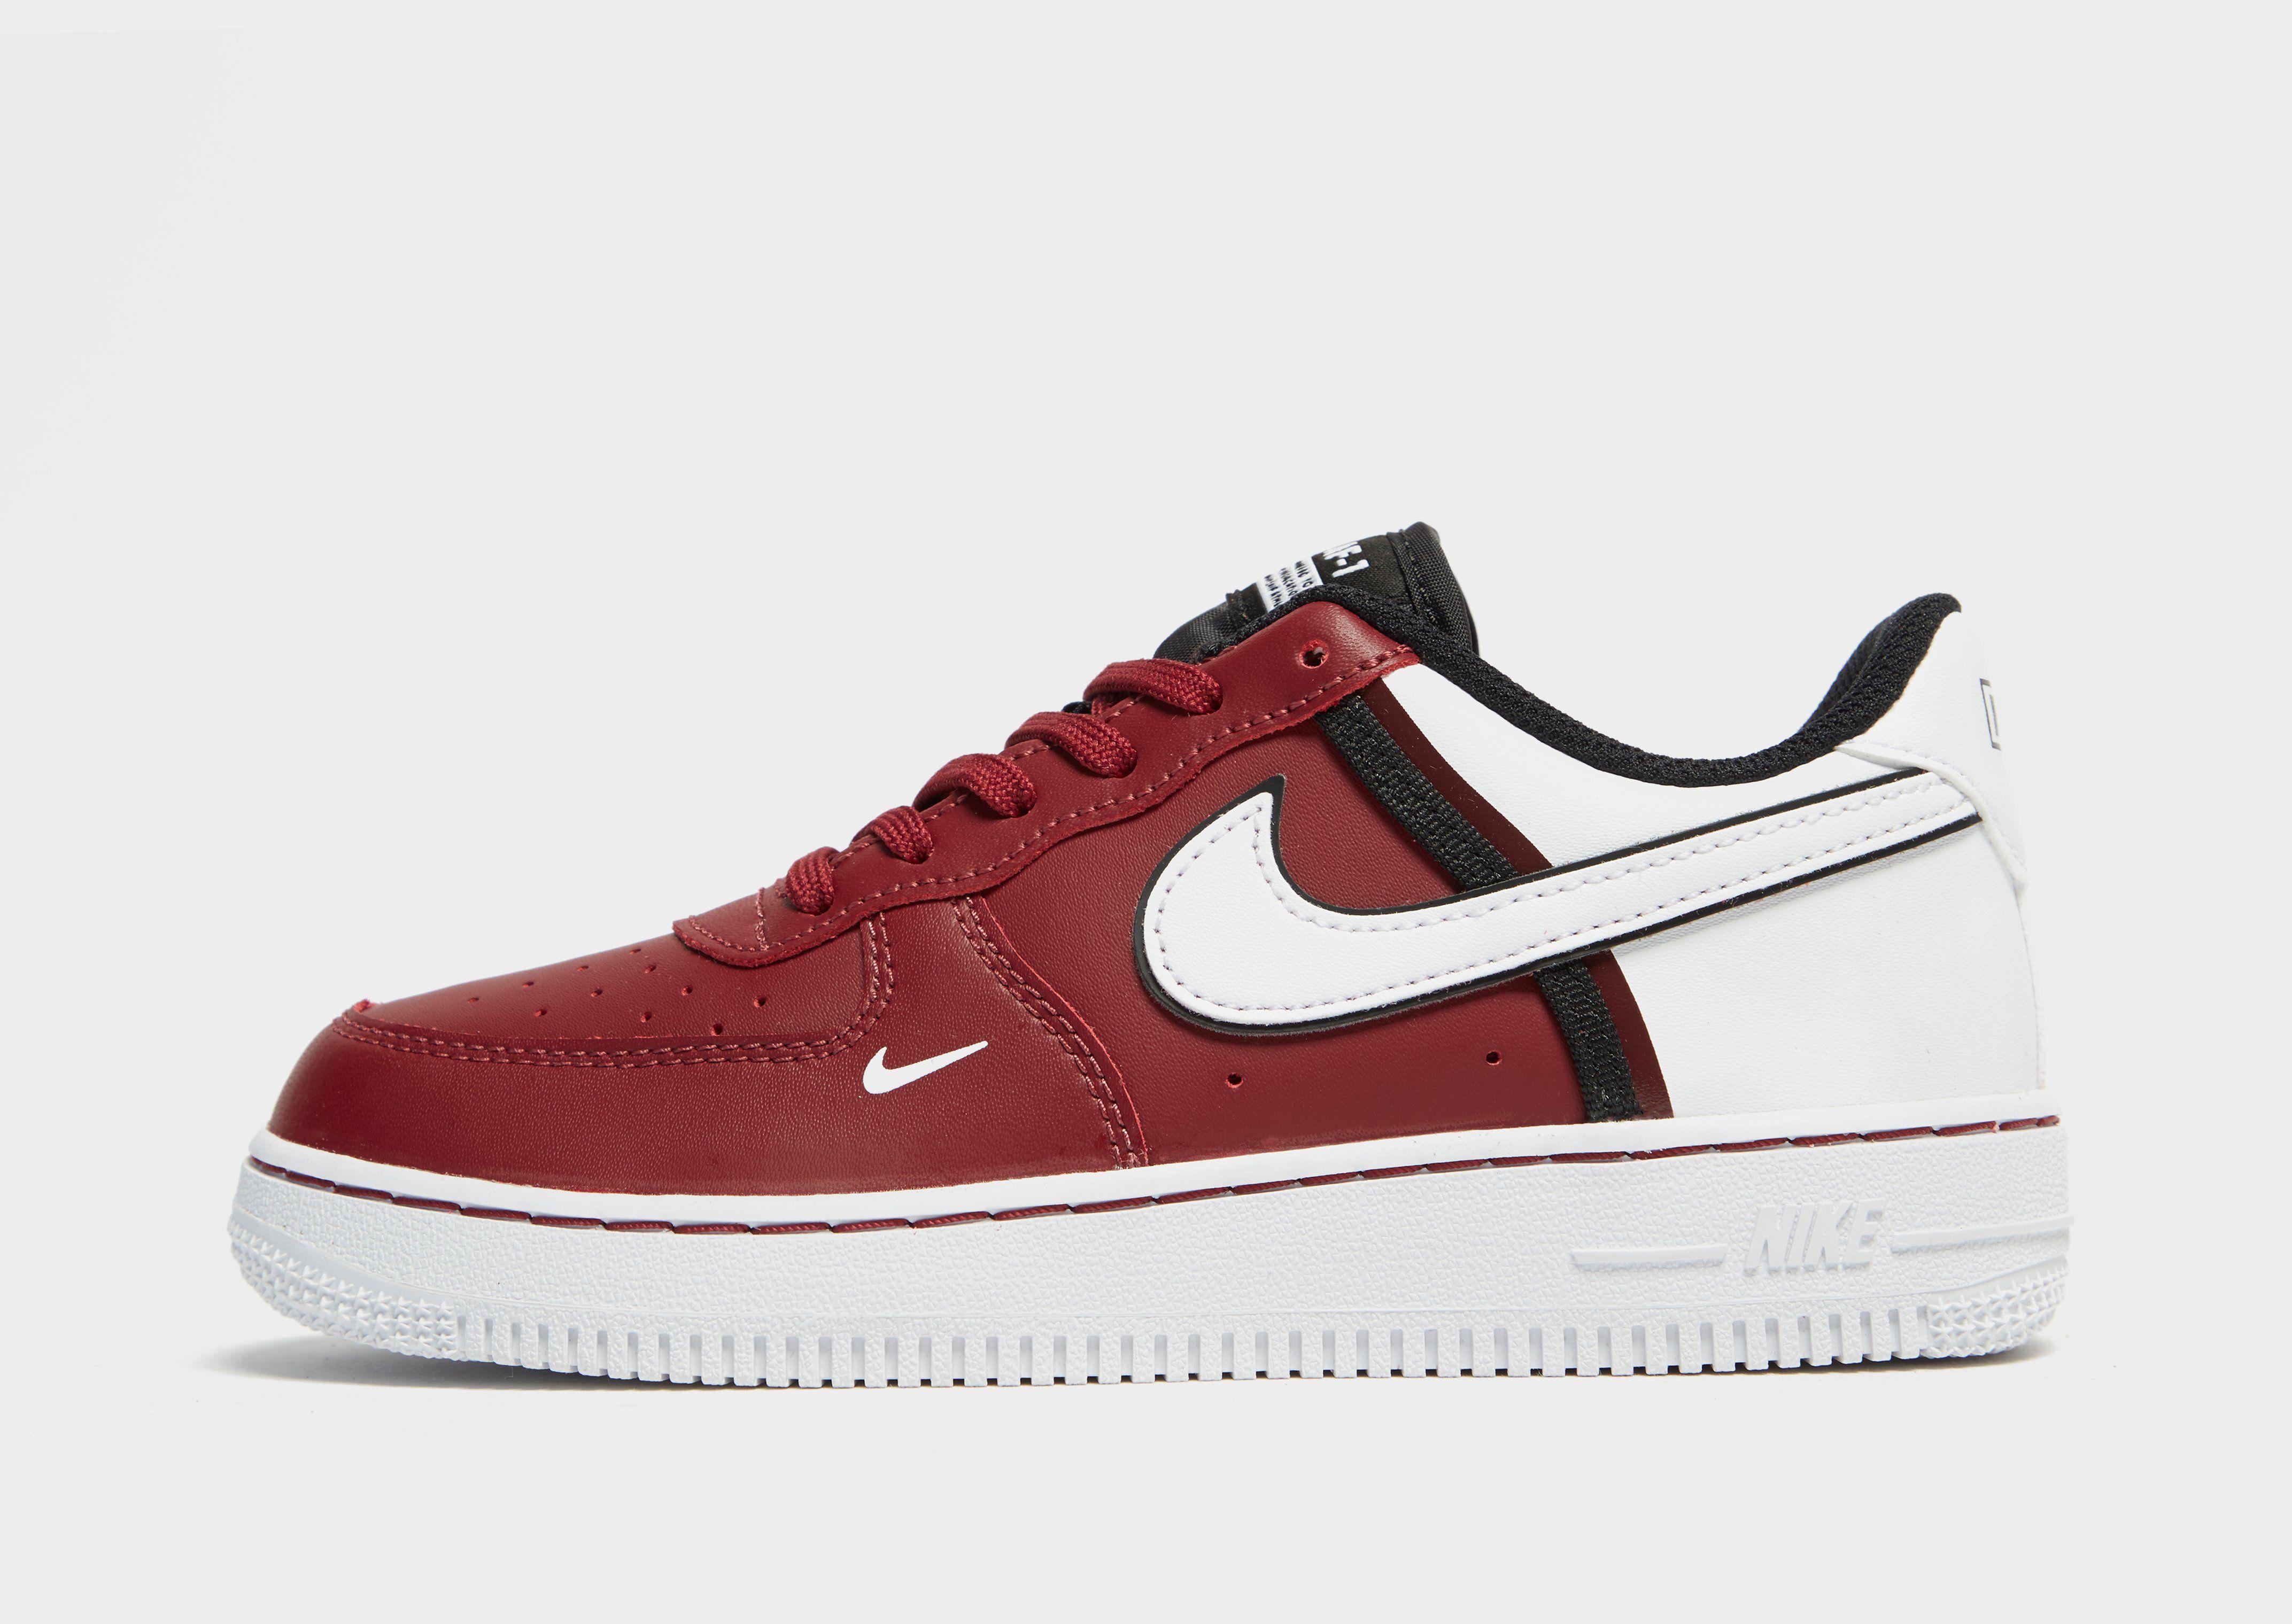 nouveau style 7e293 e2bfe Nike Force 1 LV8 Younger Kids' Shoe | JD Sports